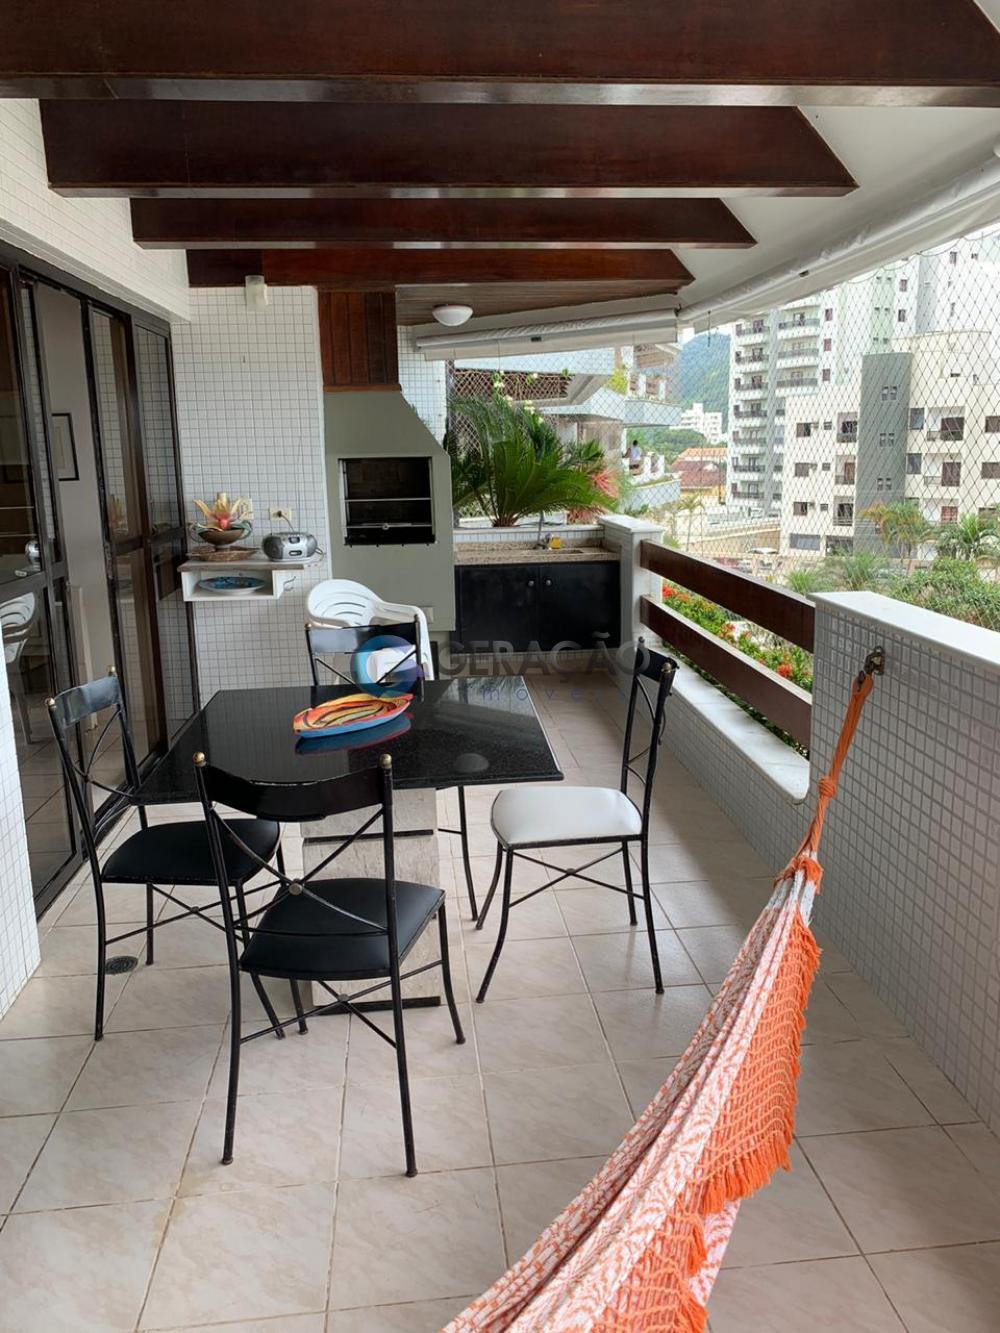 Comprar Apartamento / Padrão em Caraguatatuba R$ 1.060.000,00 - Foto 7